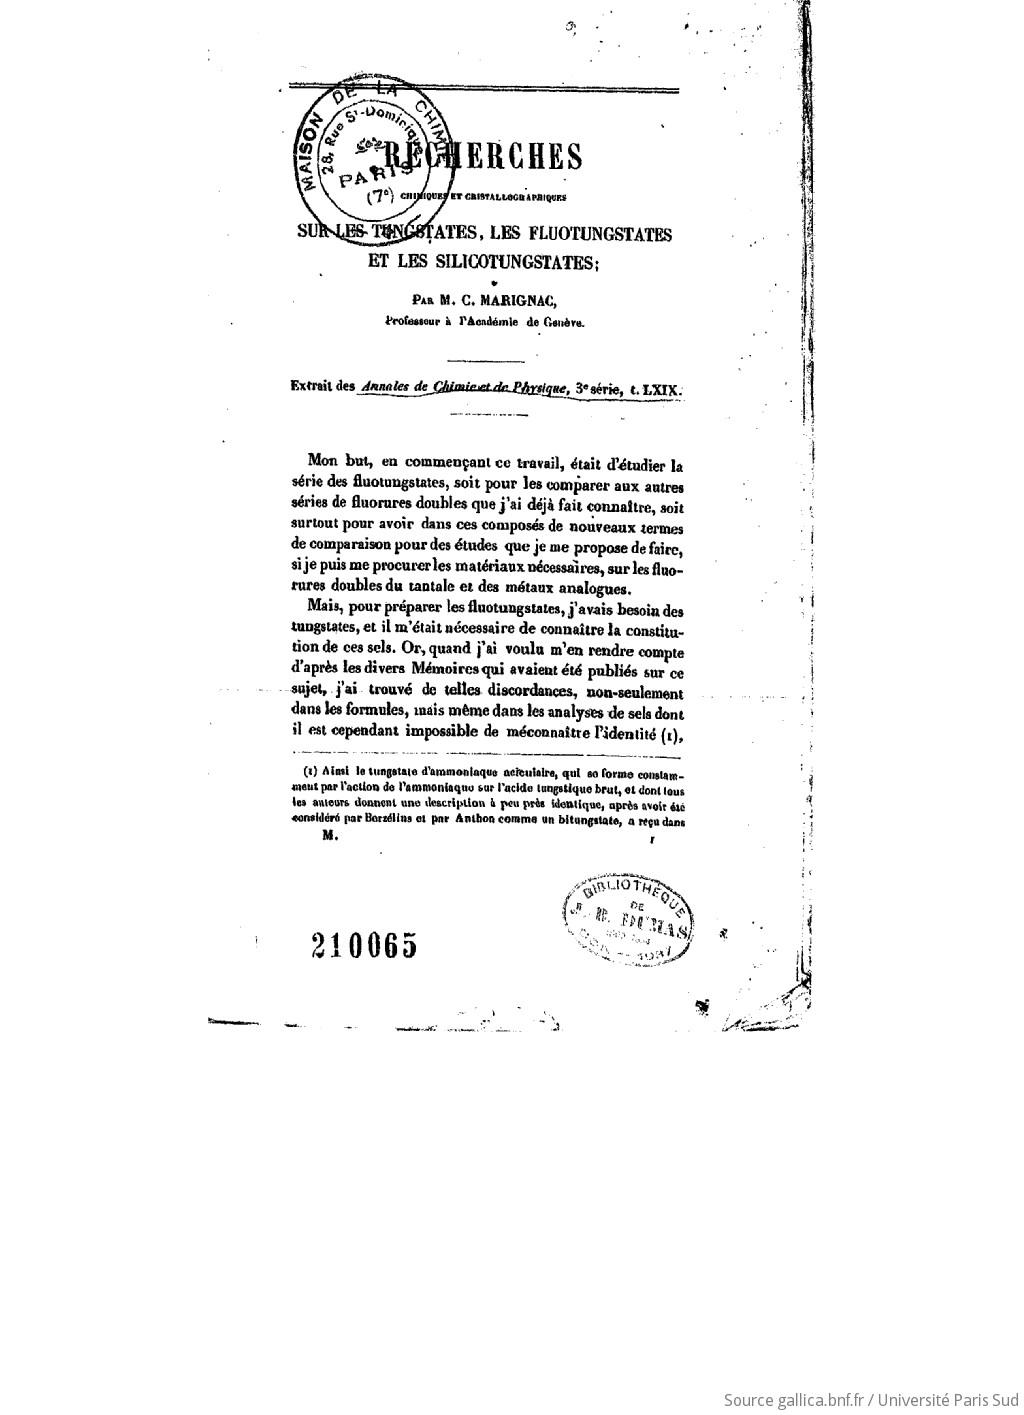 Recherches chimiques et cristallographiques sur les tungstates, les fluotungstates et les silicotungstates